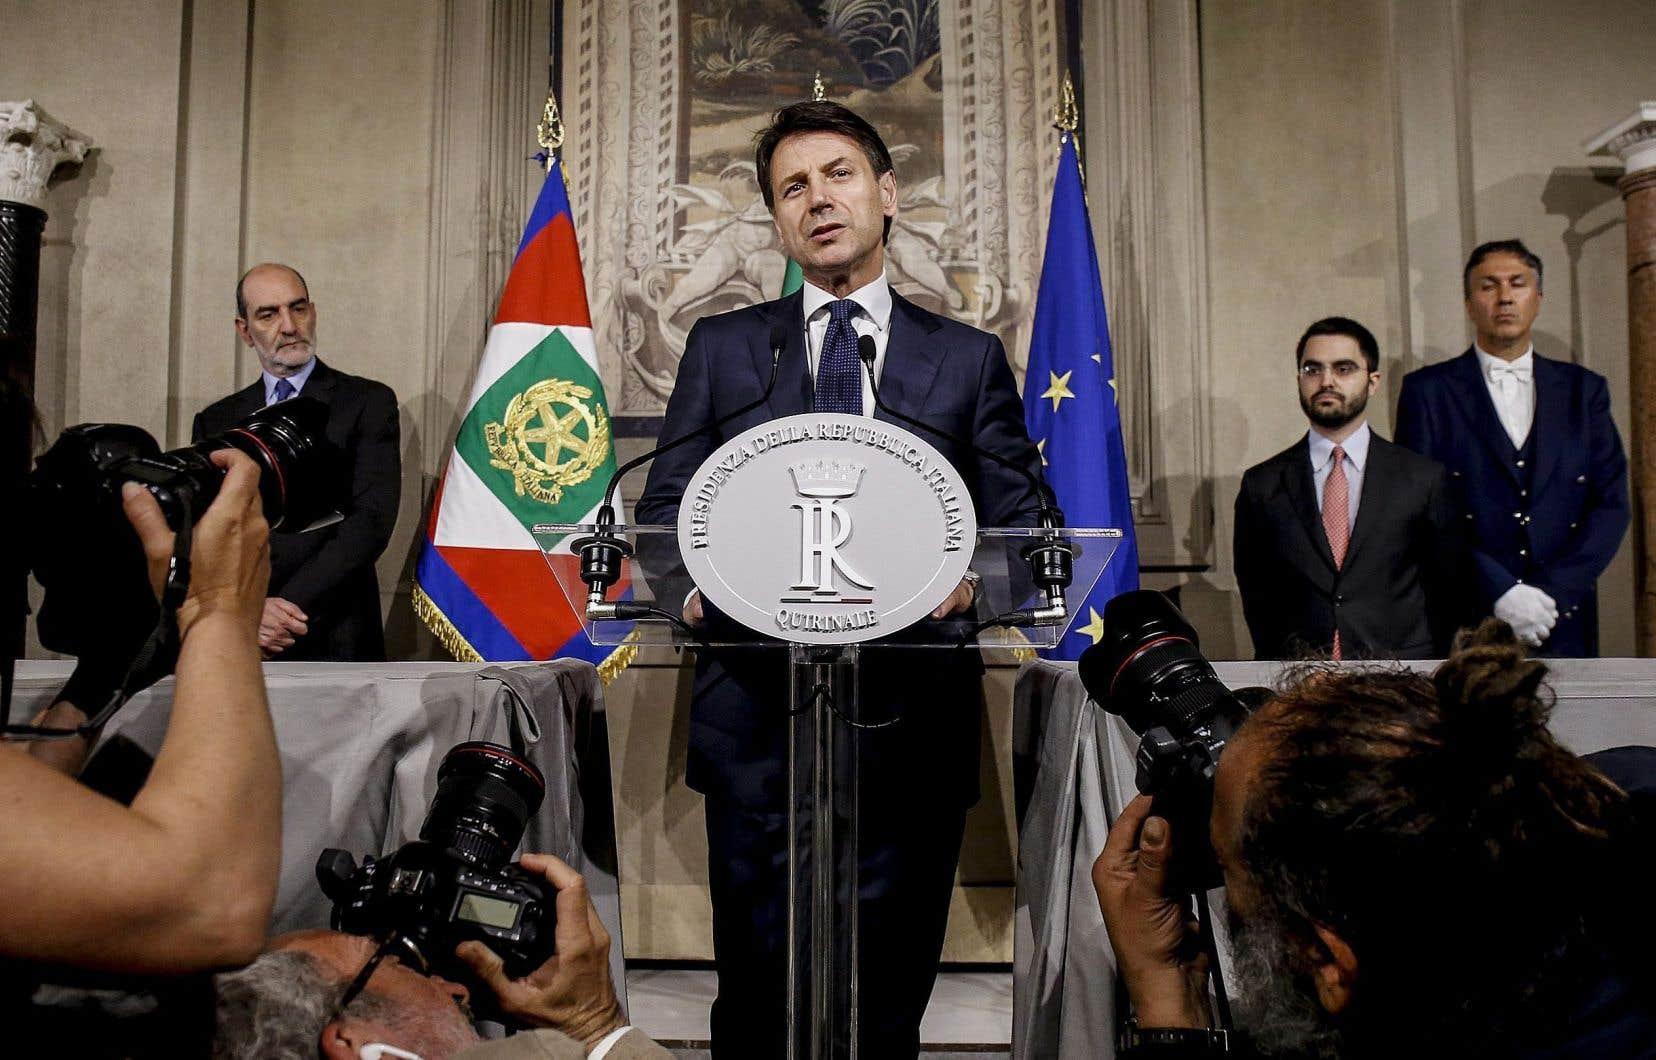 Le premier ministre, Giuseppe Conte, s'adresse aux médias.